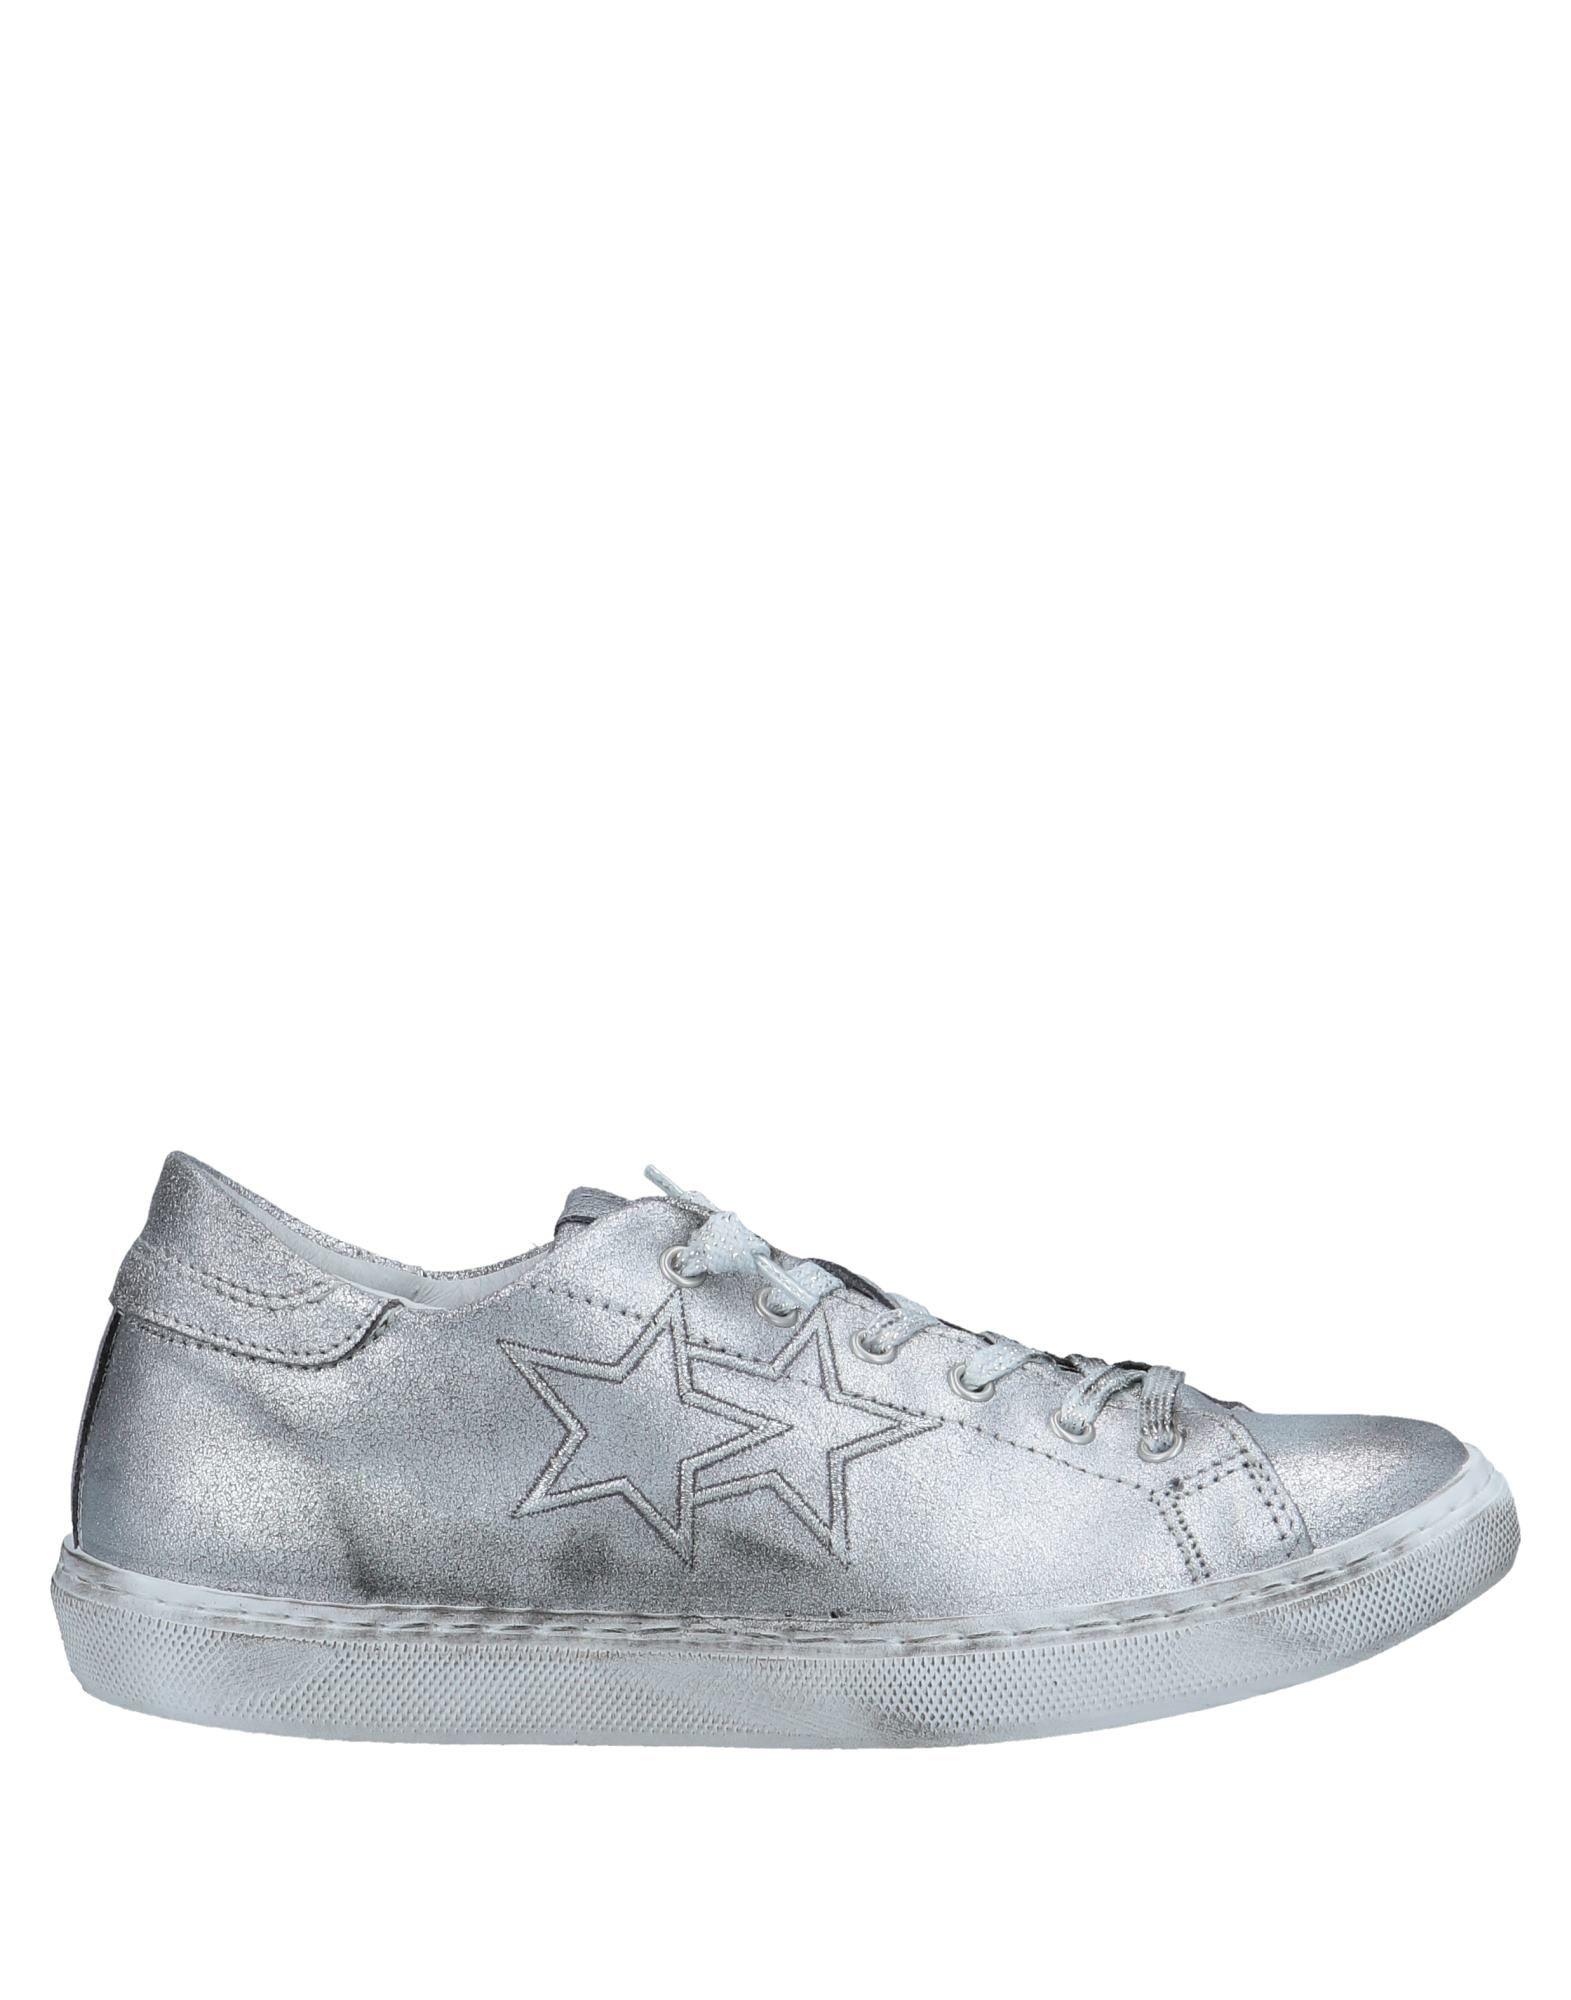 2Star  Sneakers Damen  11553934TS  2Star 8836ec